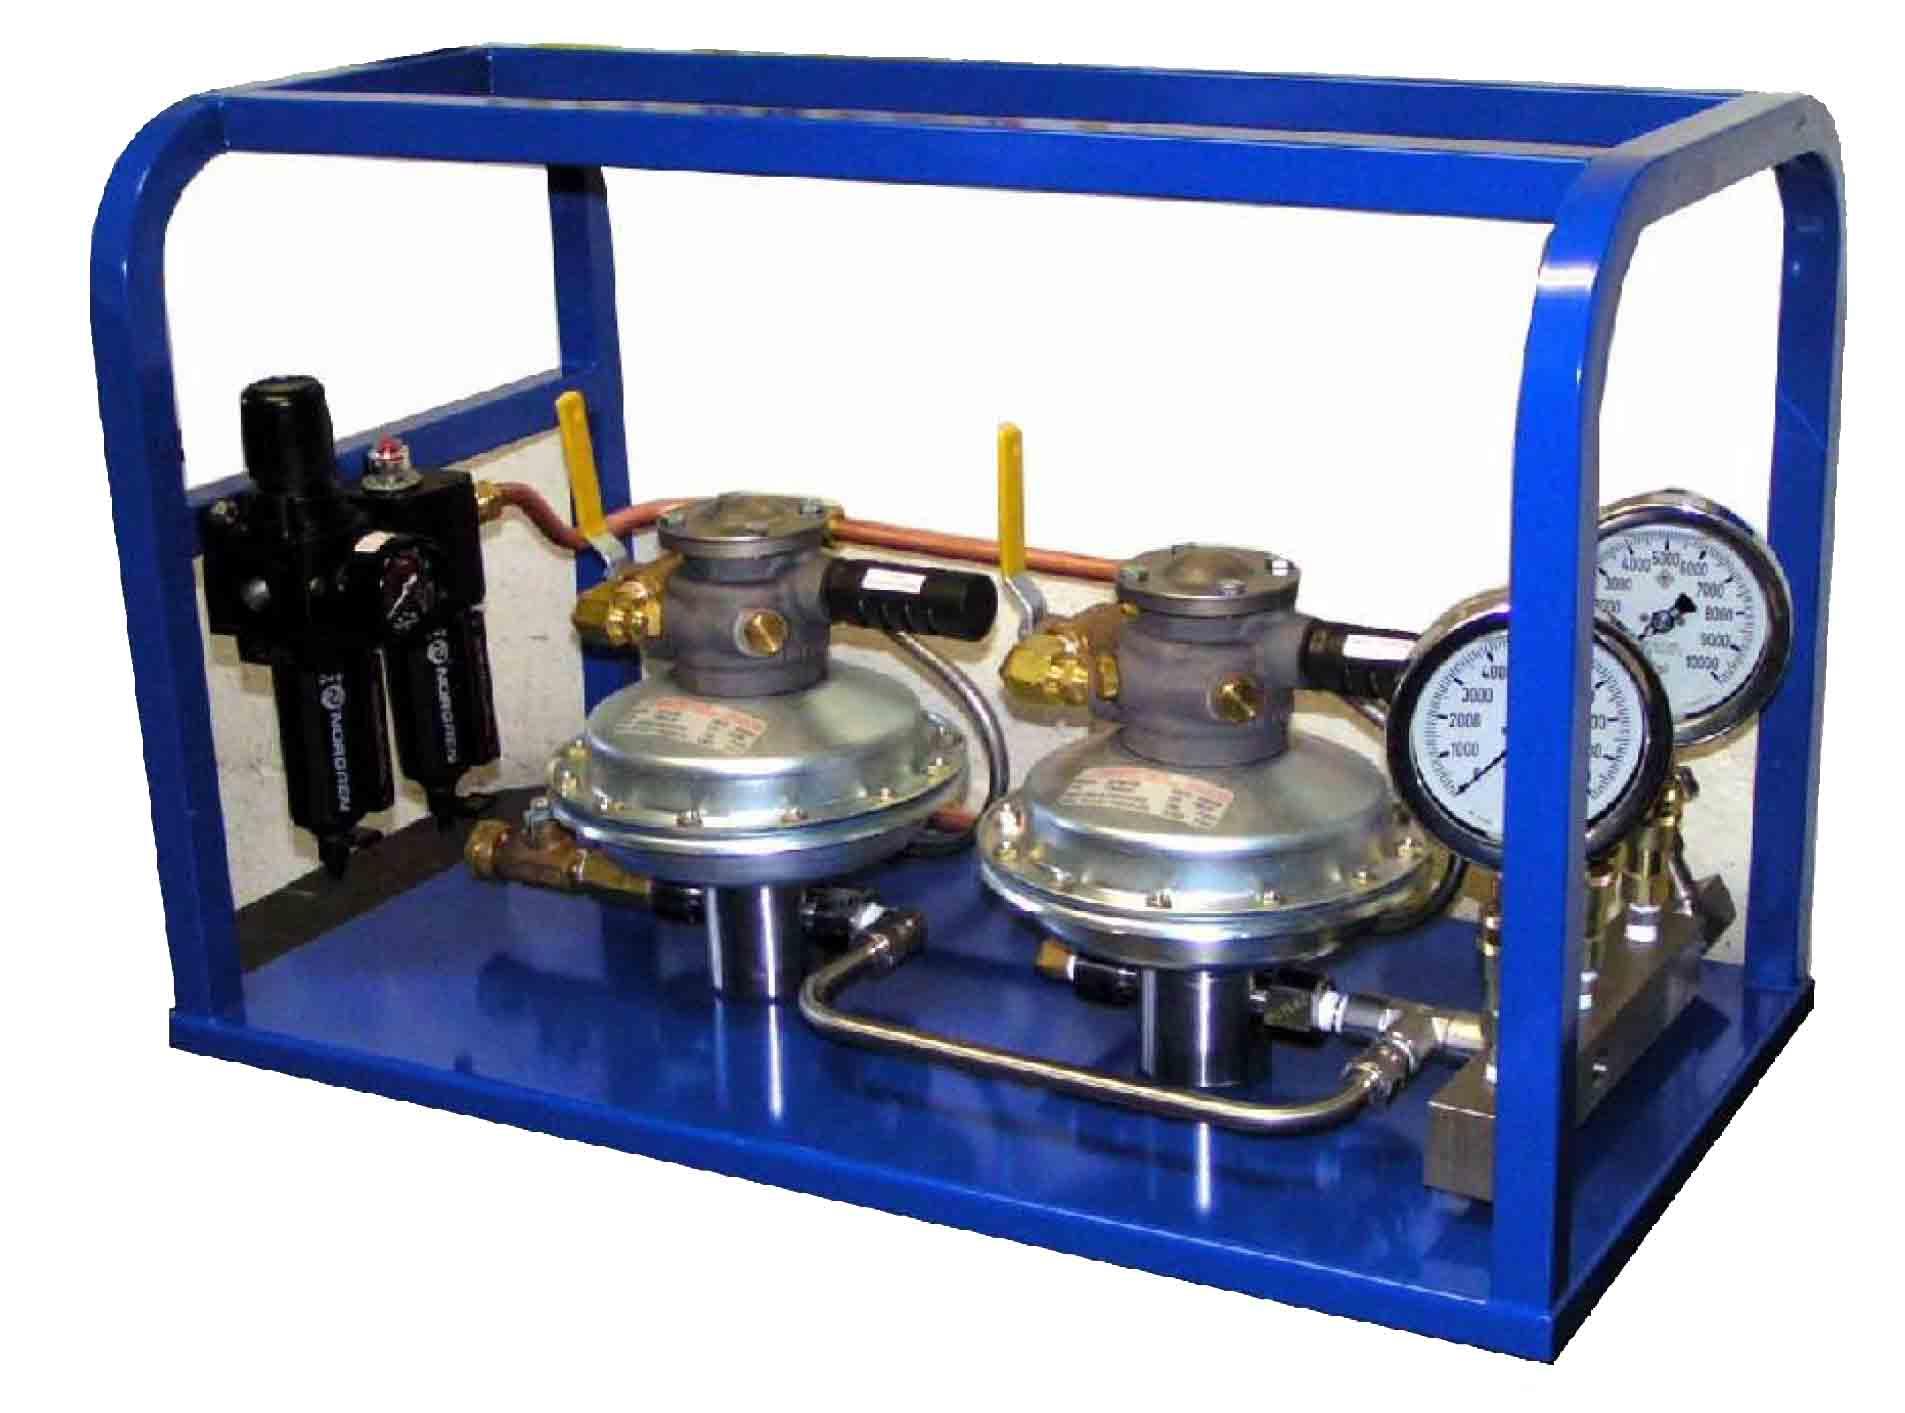 名称:便携双泵压力测试设备